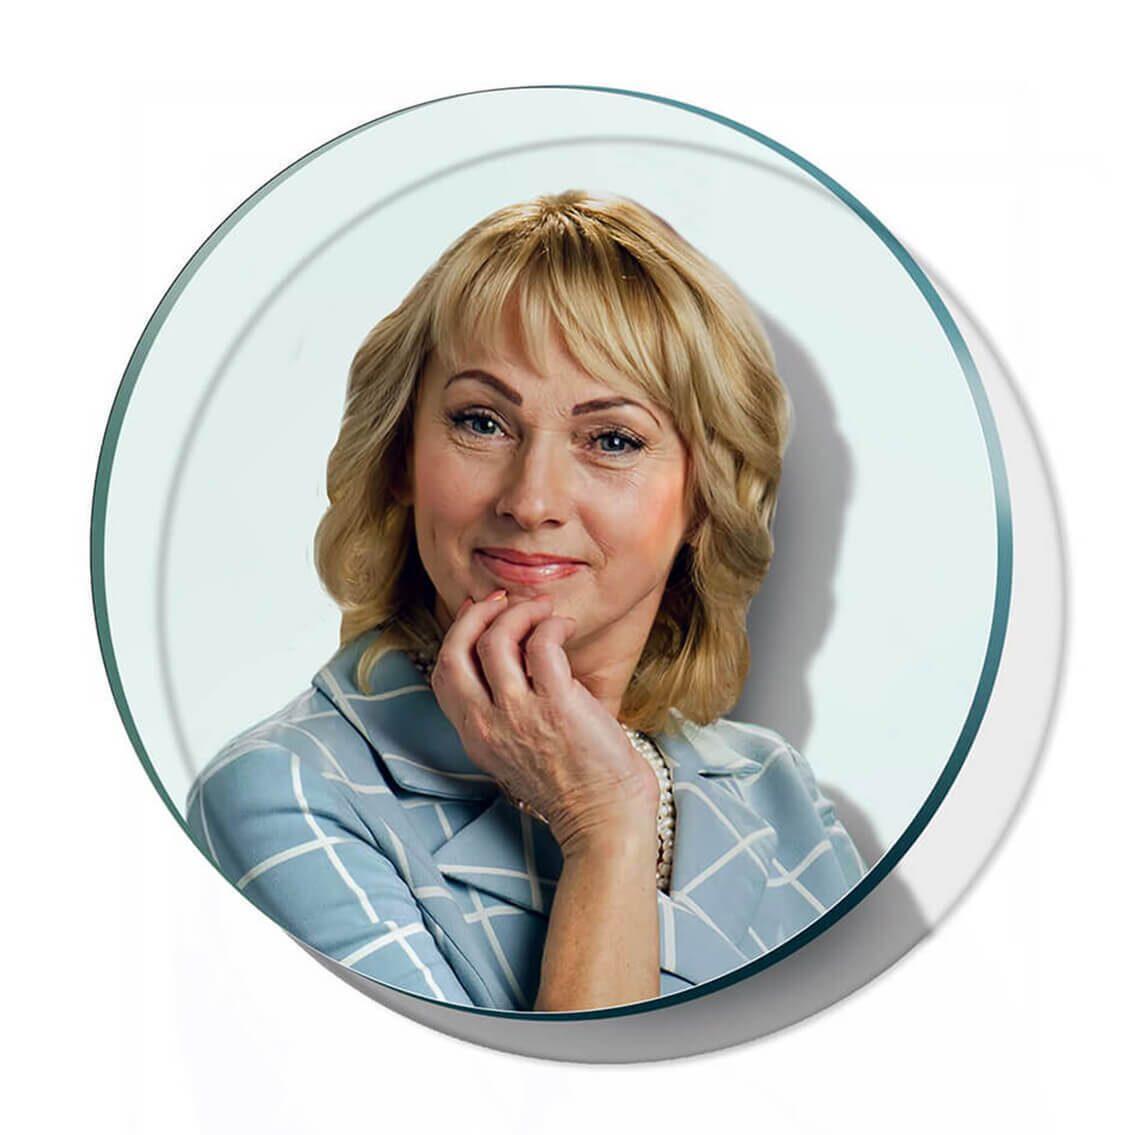 печать фото на стекле в новосибирске вас лаконично анонсировала